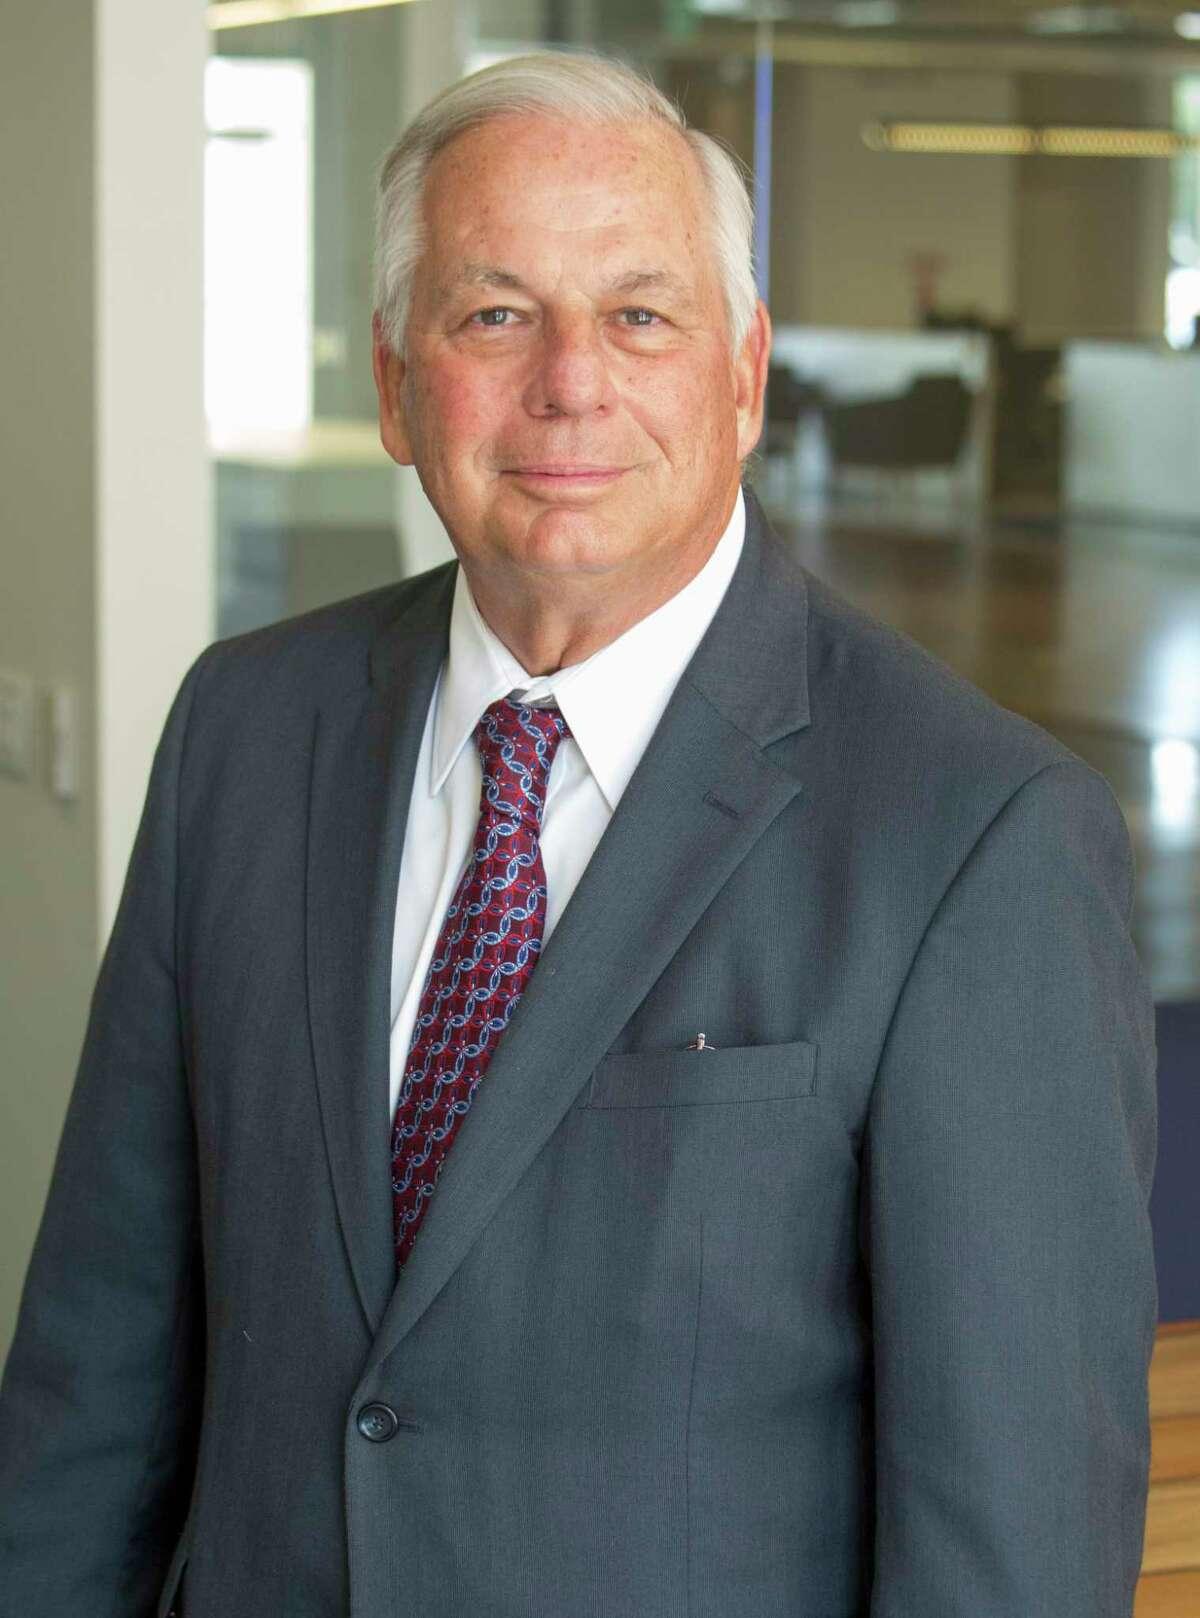 Rep. Gene Green, D-Houston (JeremyCarter/ Houston Chronicle)